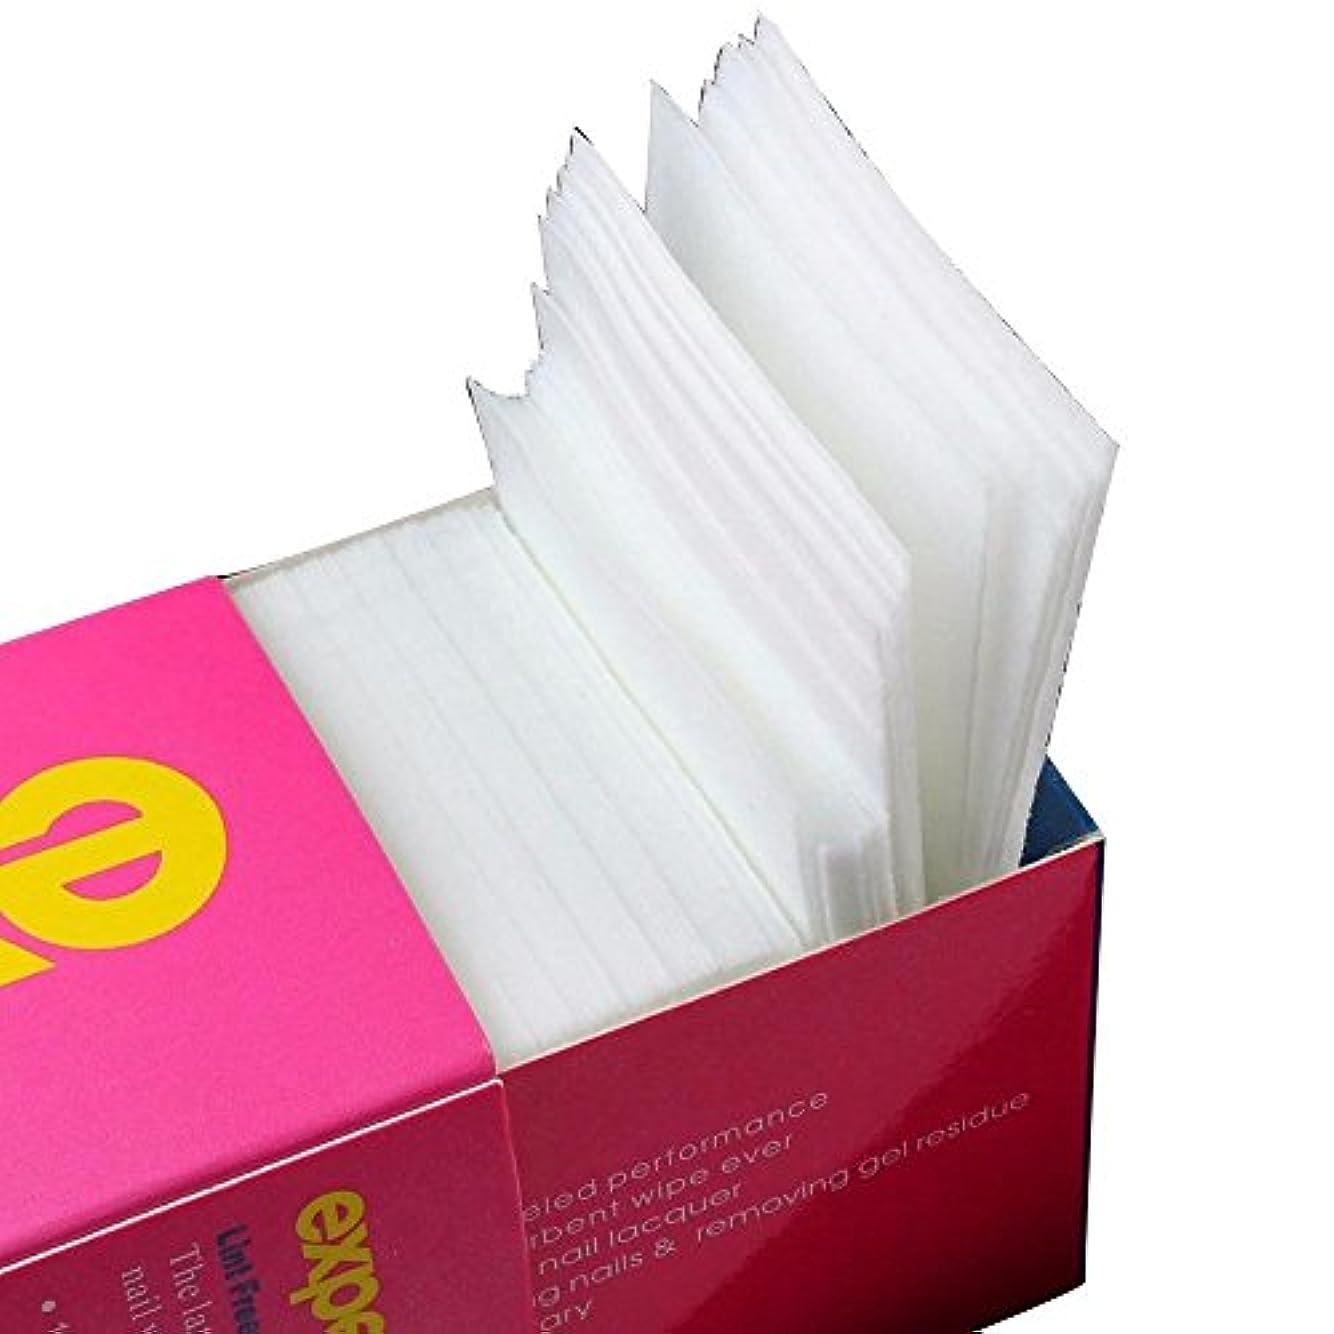 セッションハック環境に優しいVi.yo ネイル ワイプ コットン 天然素材 不織布 ジェルの拭き取り 油分除去 クリーニング 320枚以上